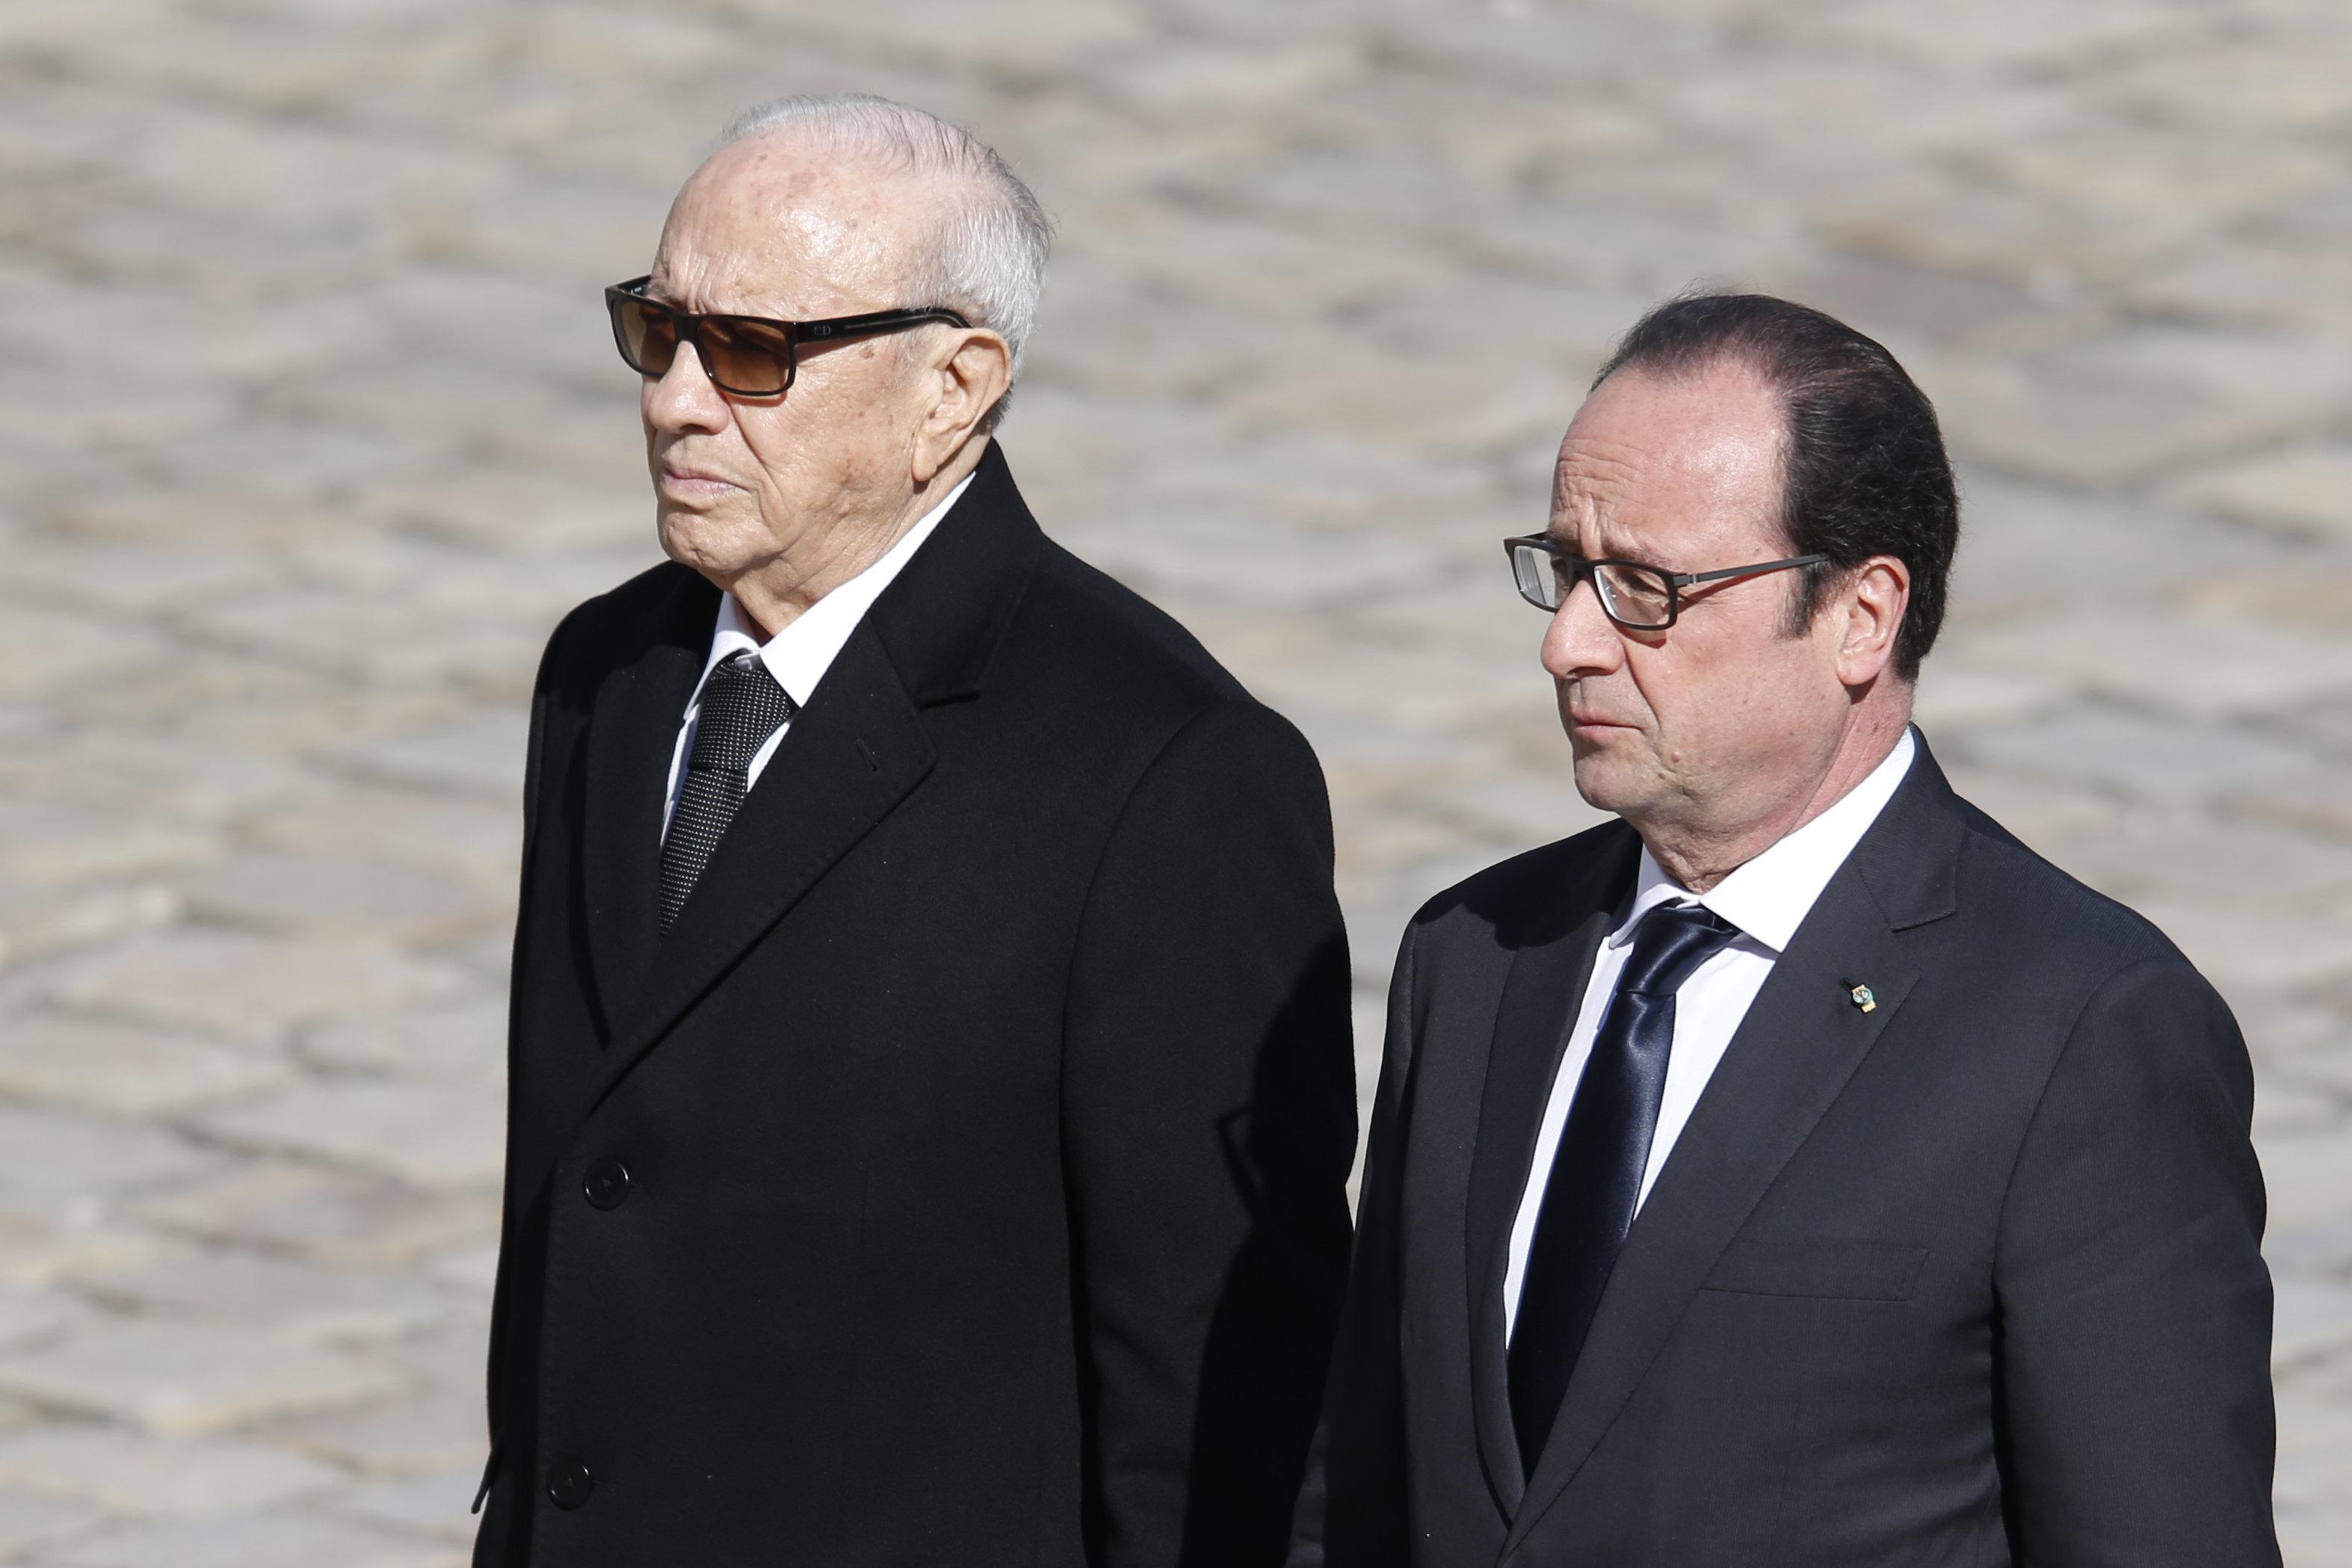 Selon le Collectif de défense de Belaïd & Brahmi, Ennahdha aurait planifié l'assassinat de Béji Caid Essebsi et François